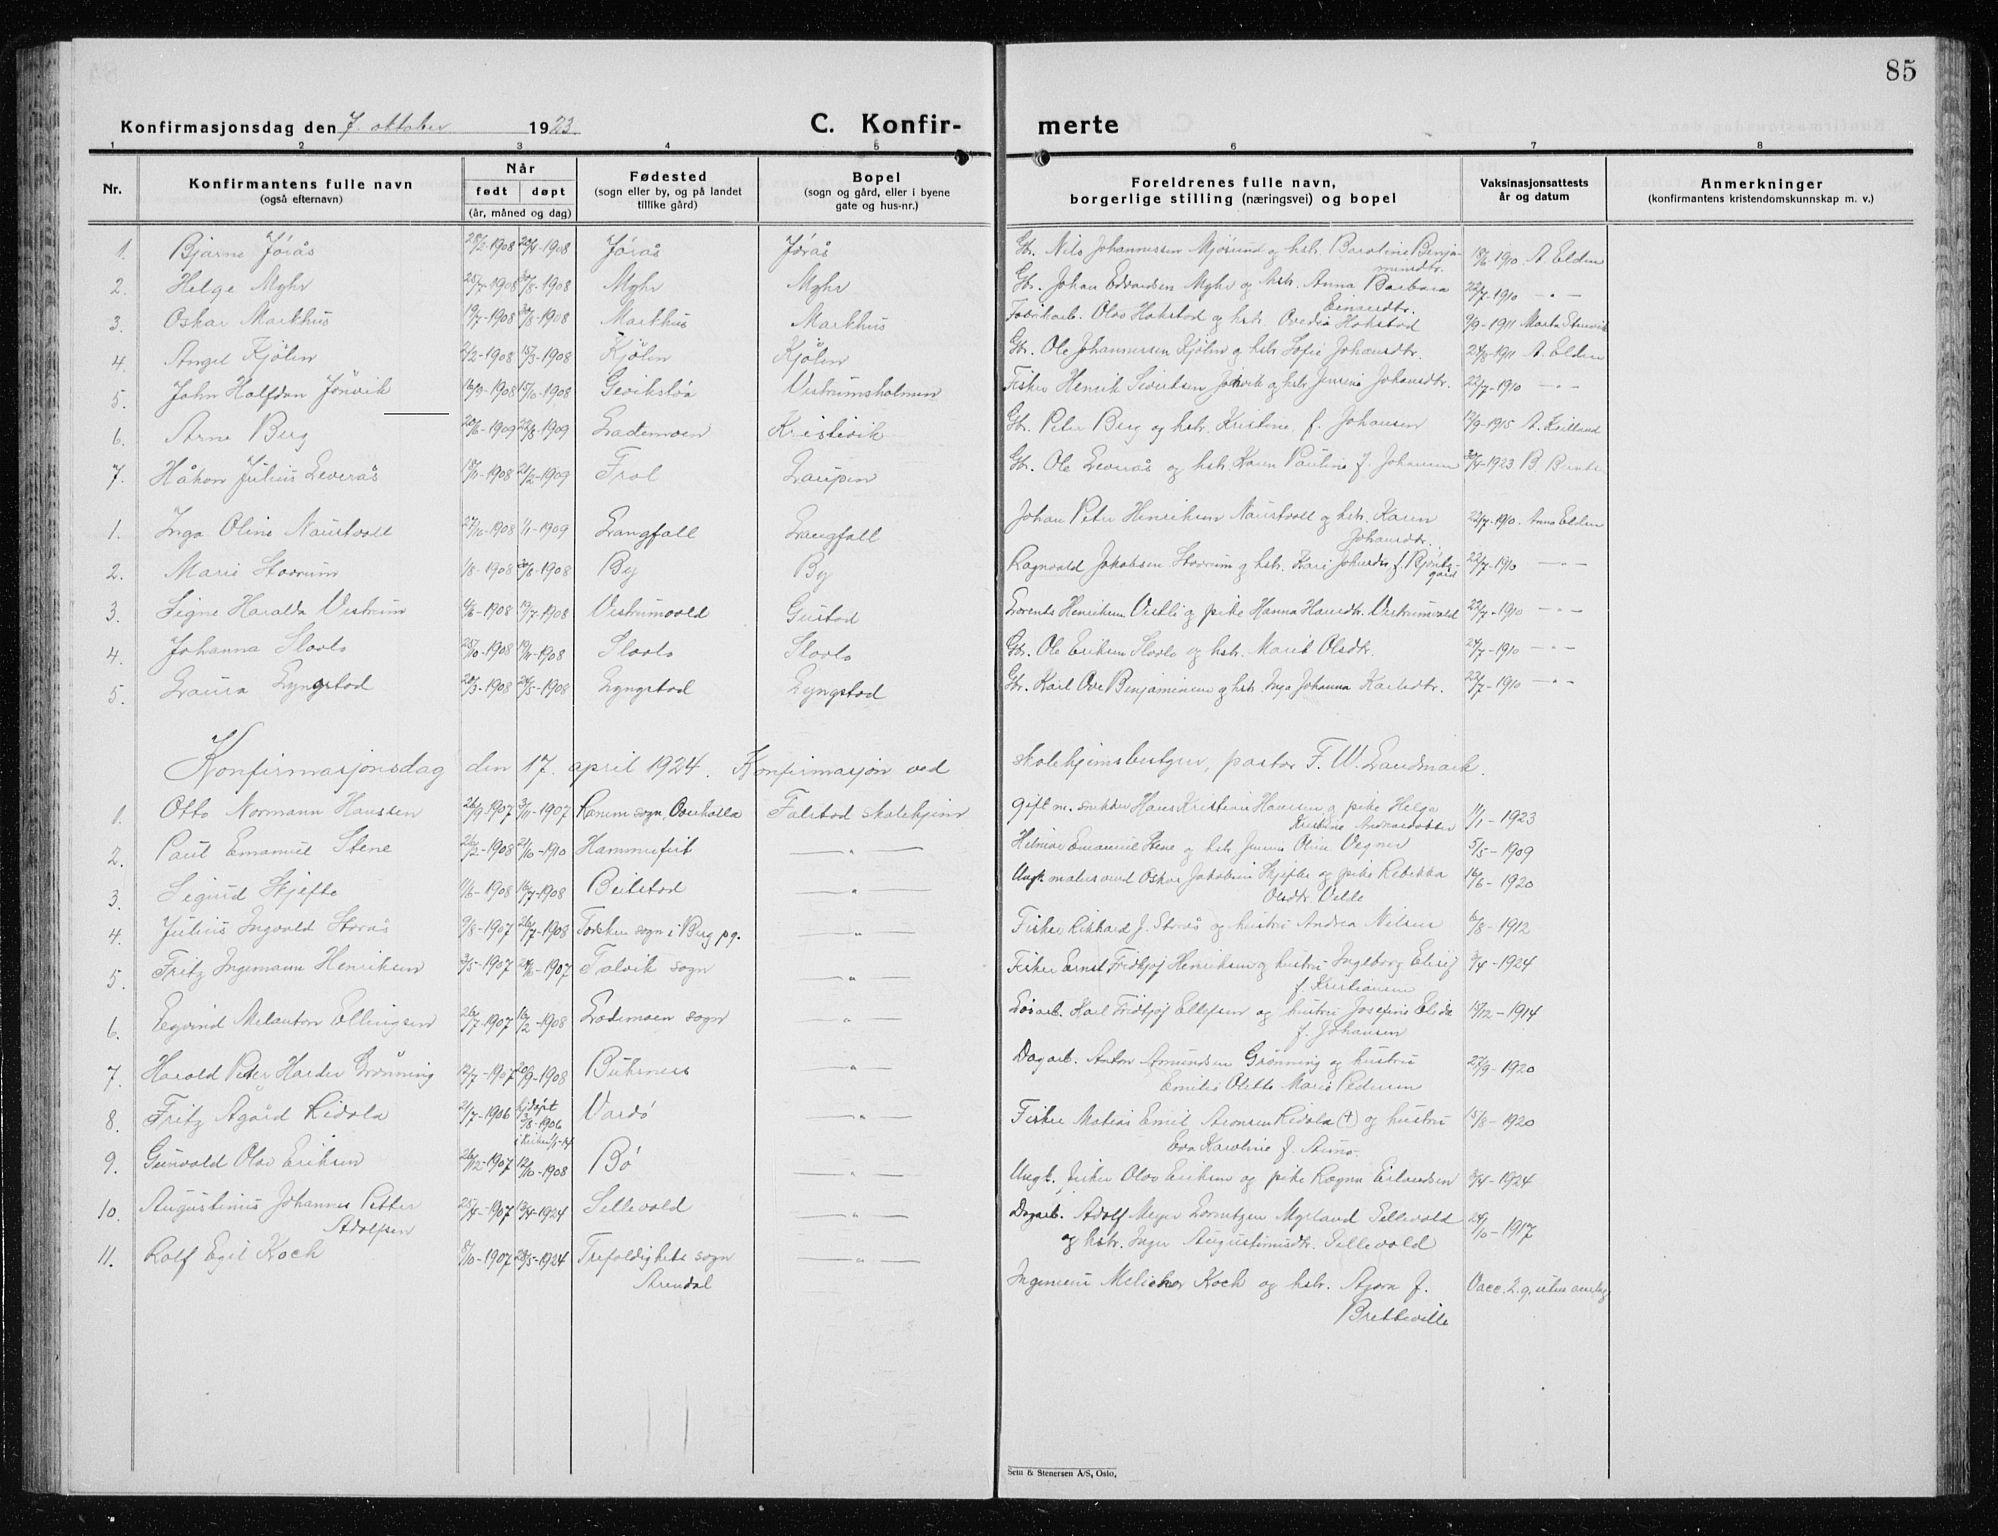 SAT, Ministerialprotokoller, klokkerbøker og fødselsregistre - Nord-Trøndelag, 719/L0180: Klokkerbok nr. 719C01, 1878-1940, s. 85